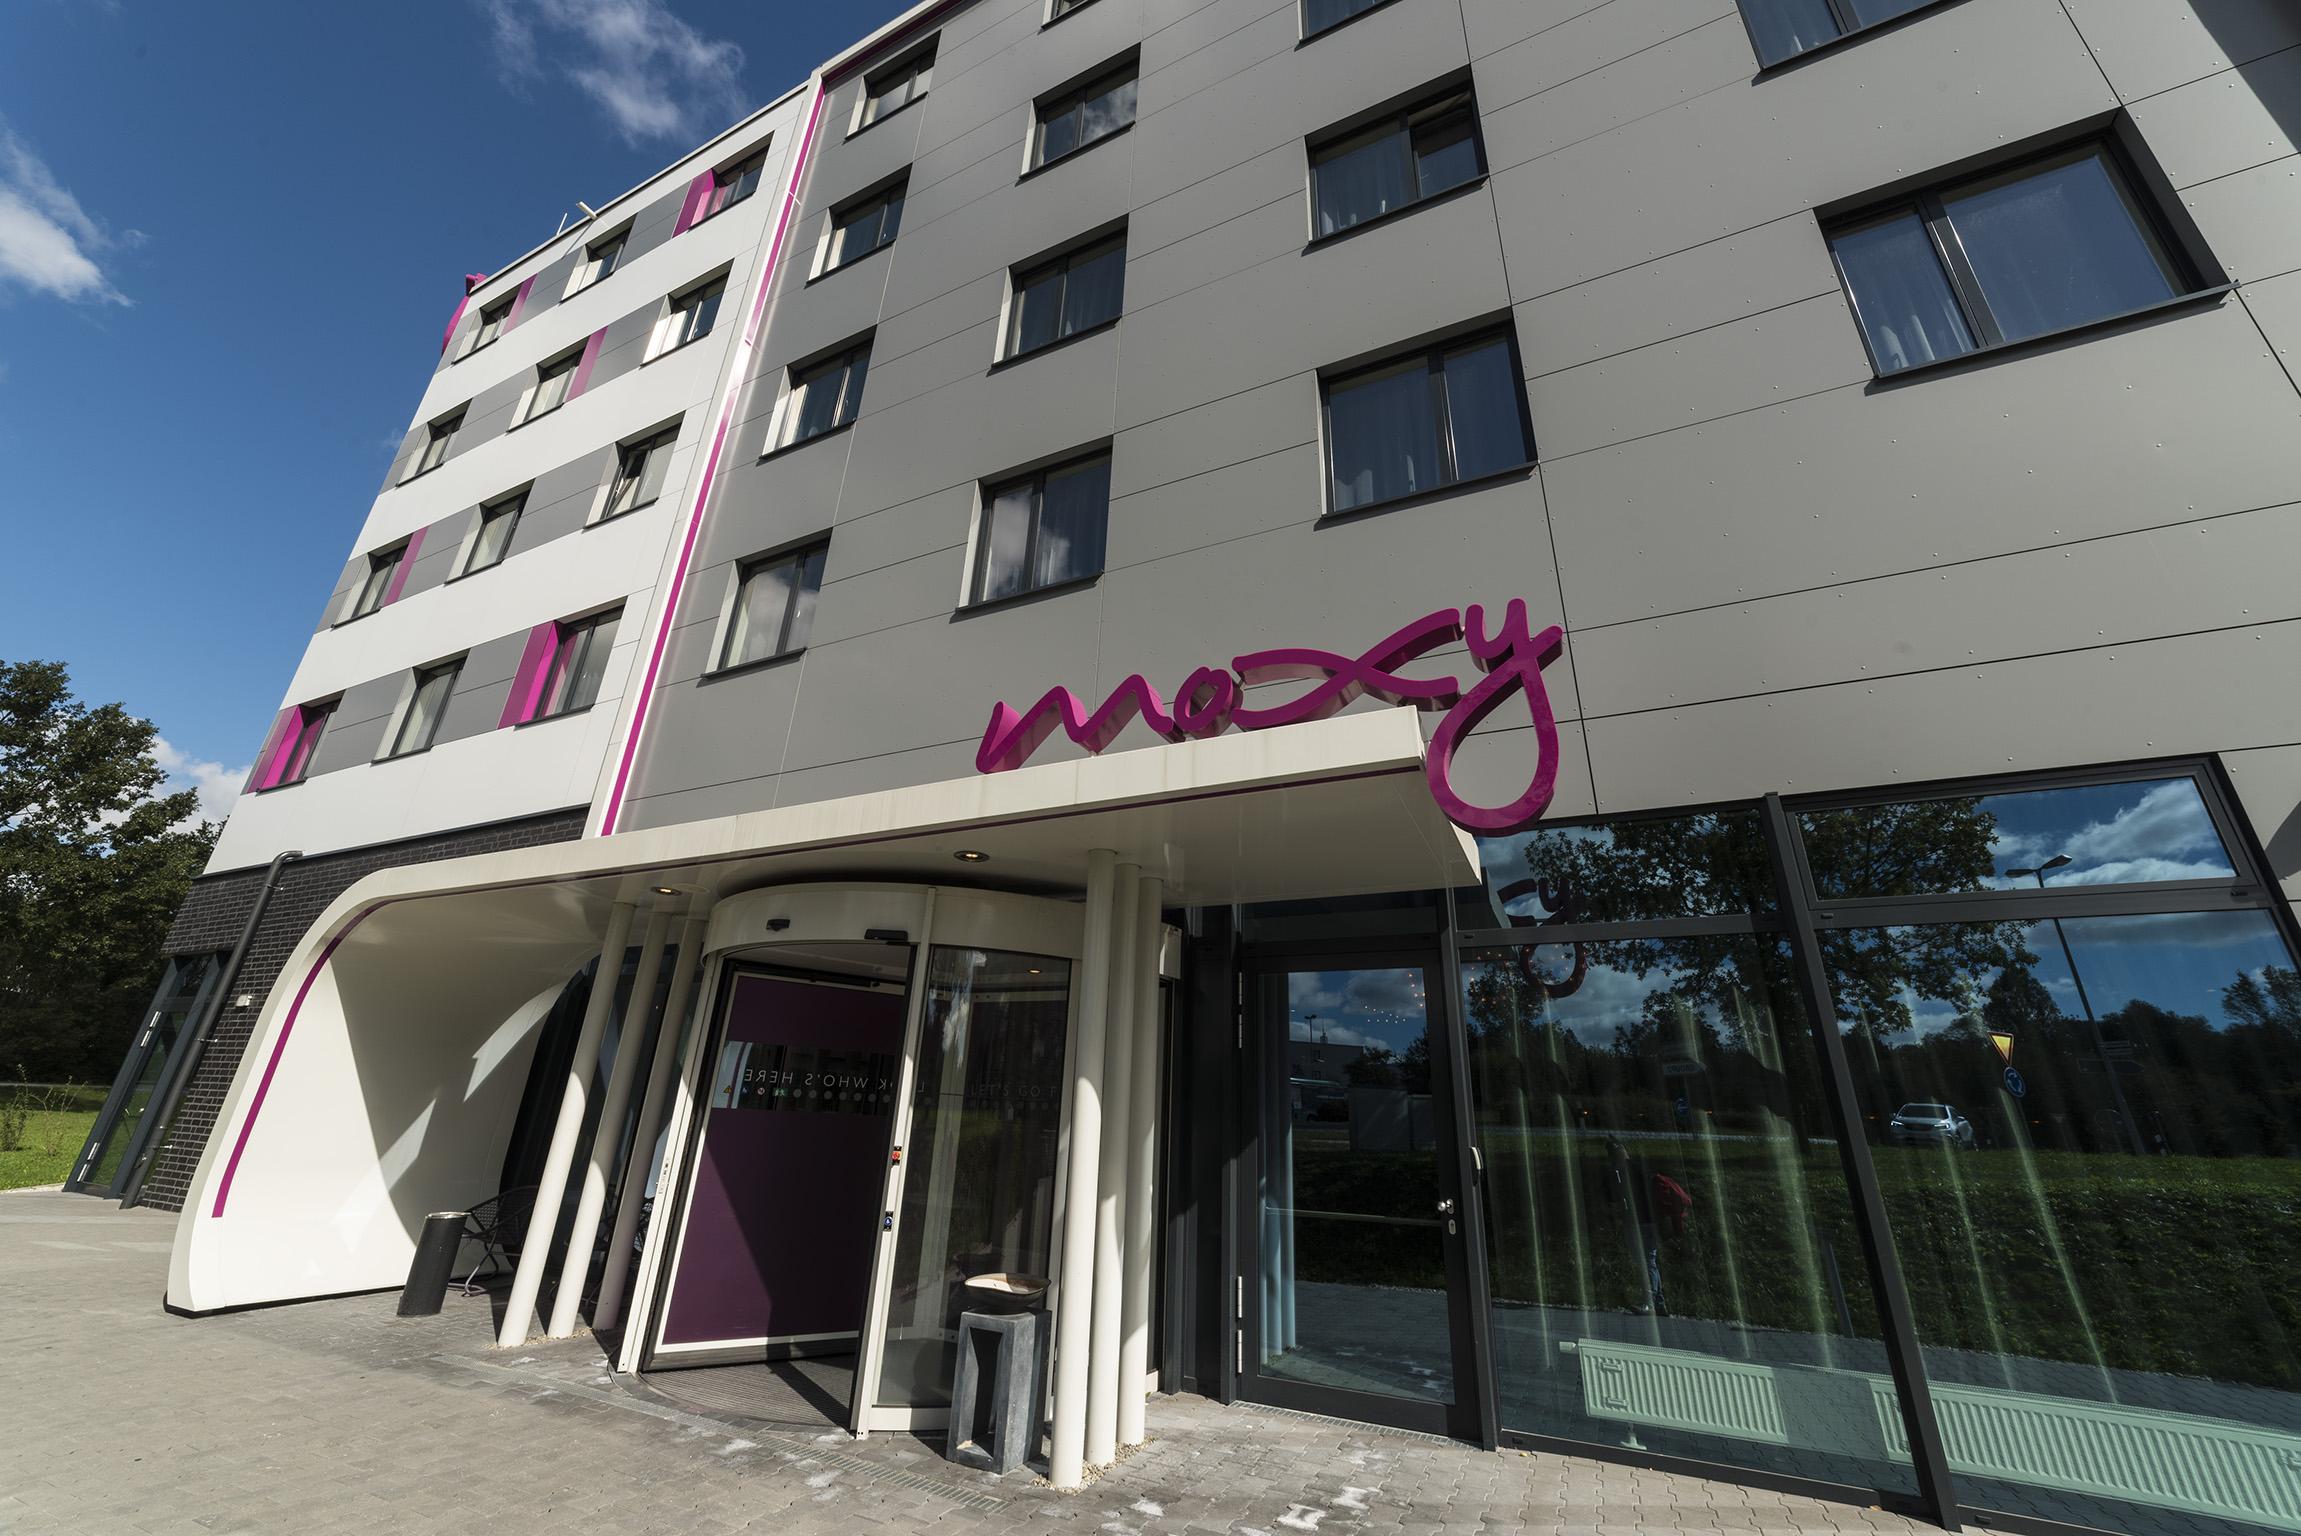 Esterno del Moxy Munich Airport - Monaco di Baviera